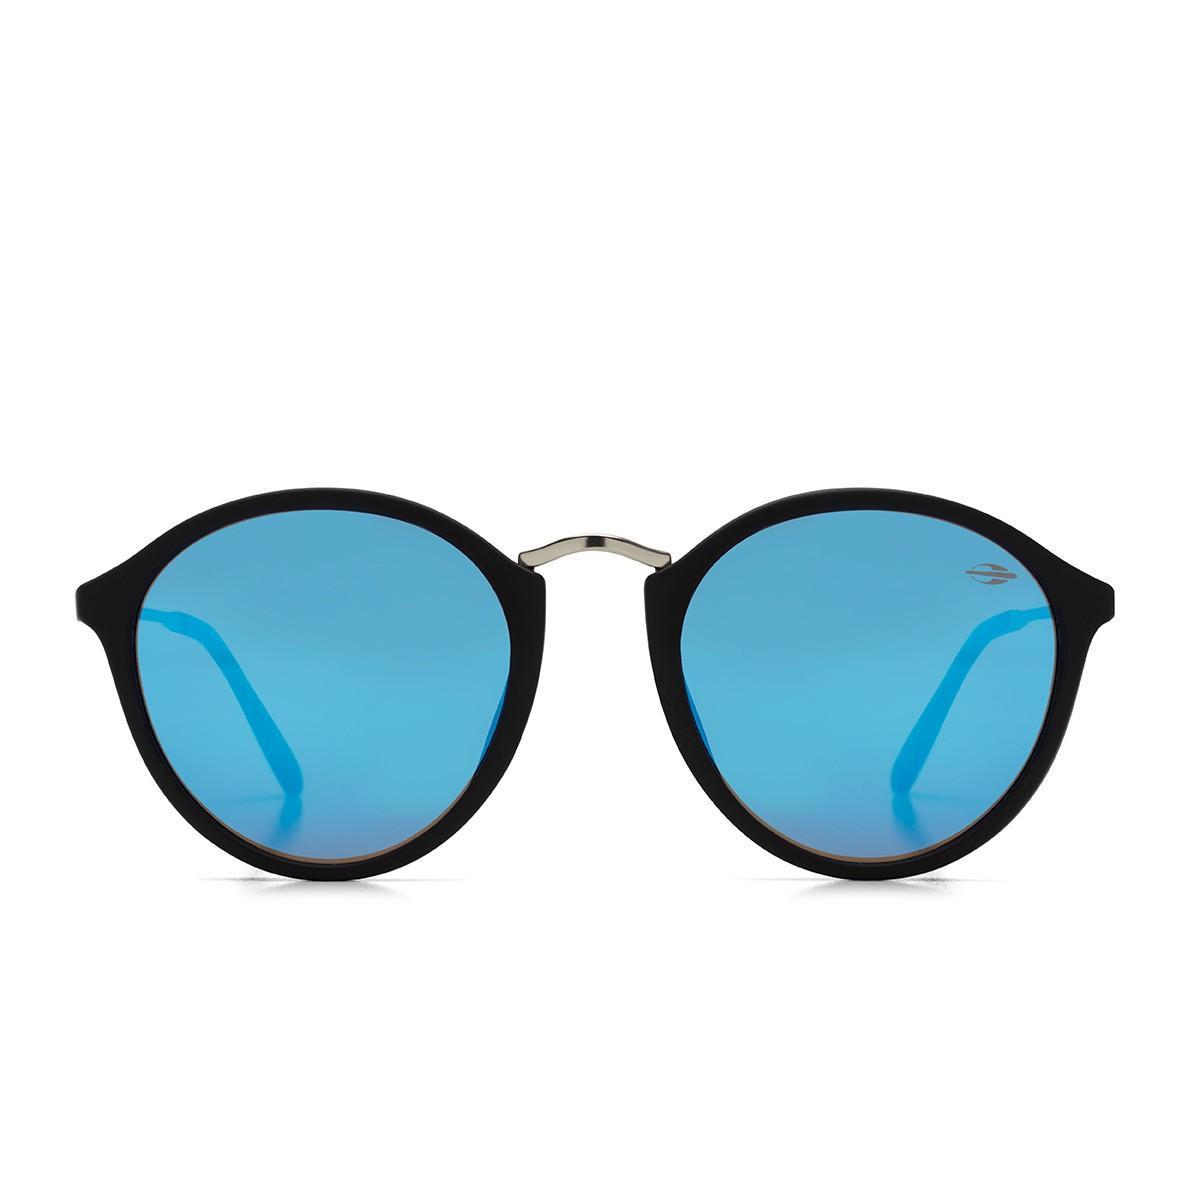 e6666ef3c63a1 Oculos Sol Mormaii Cali Preto Fosco-L Revo Azul Ice - Pa R  349,00 à vista.  Adicionar à sacola